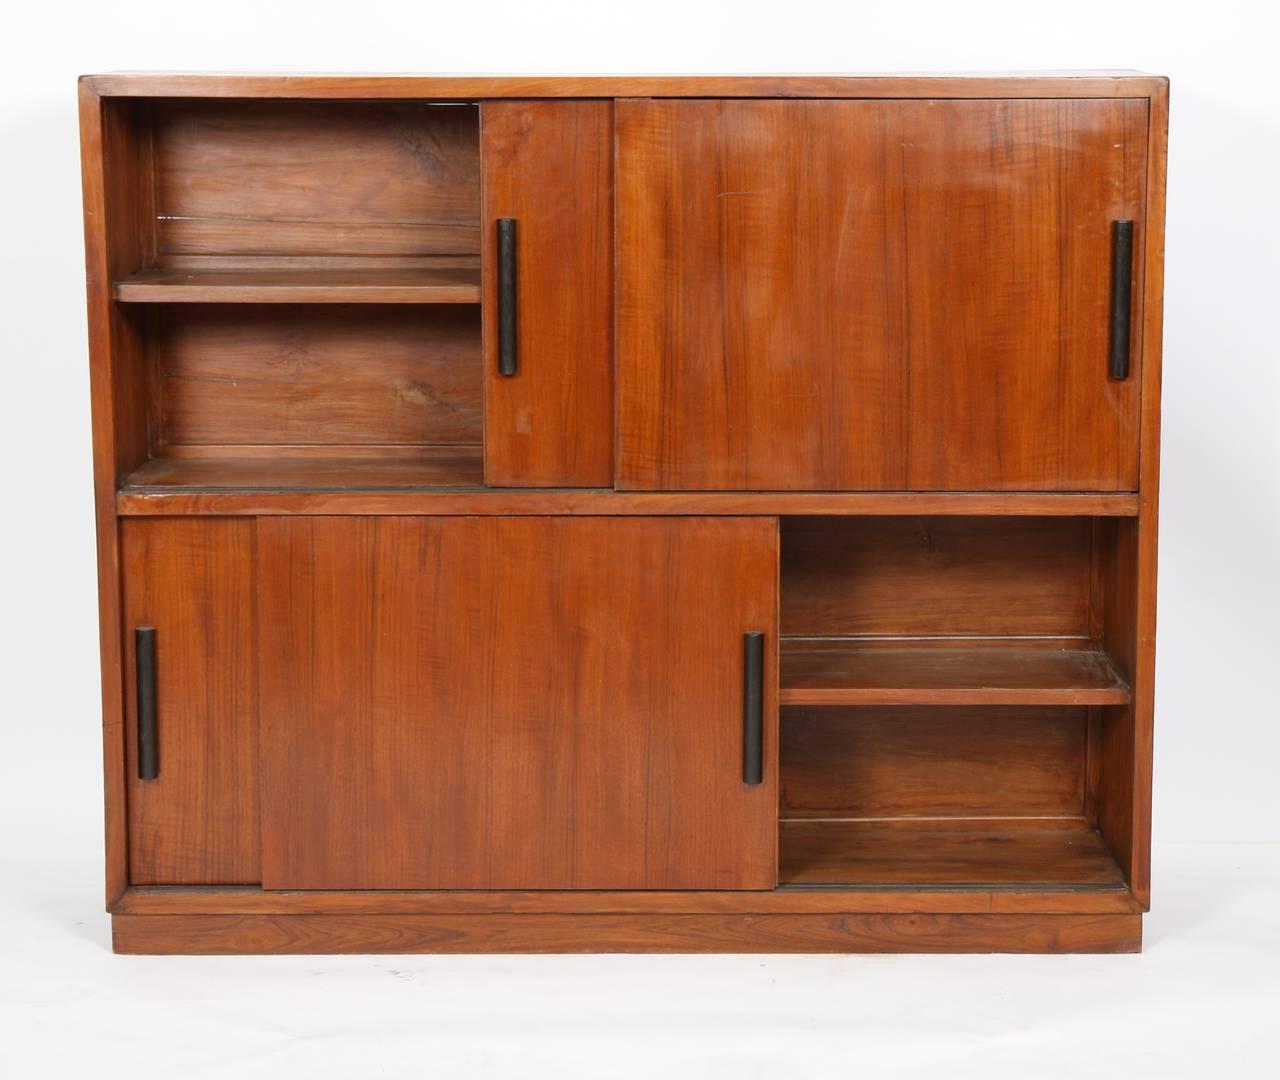 """""""Pierre Jeanneret (1896-1967).  Exceptionnel et très rare meuble de rangement de la caféteria"""""""" en teck massif et placage de teck.  Ouvrant par quatre portes en contreplaqué, coulissants sur rail à prise rouleaux en bois teinté"""